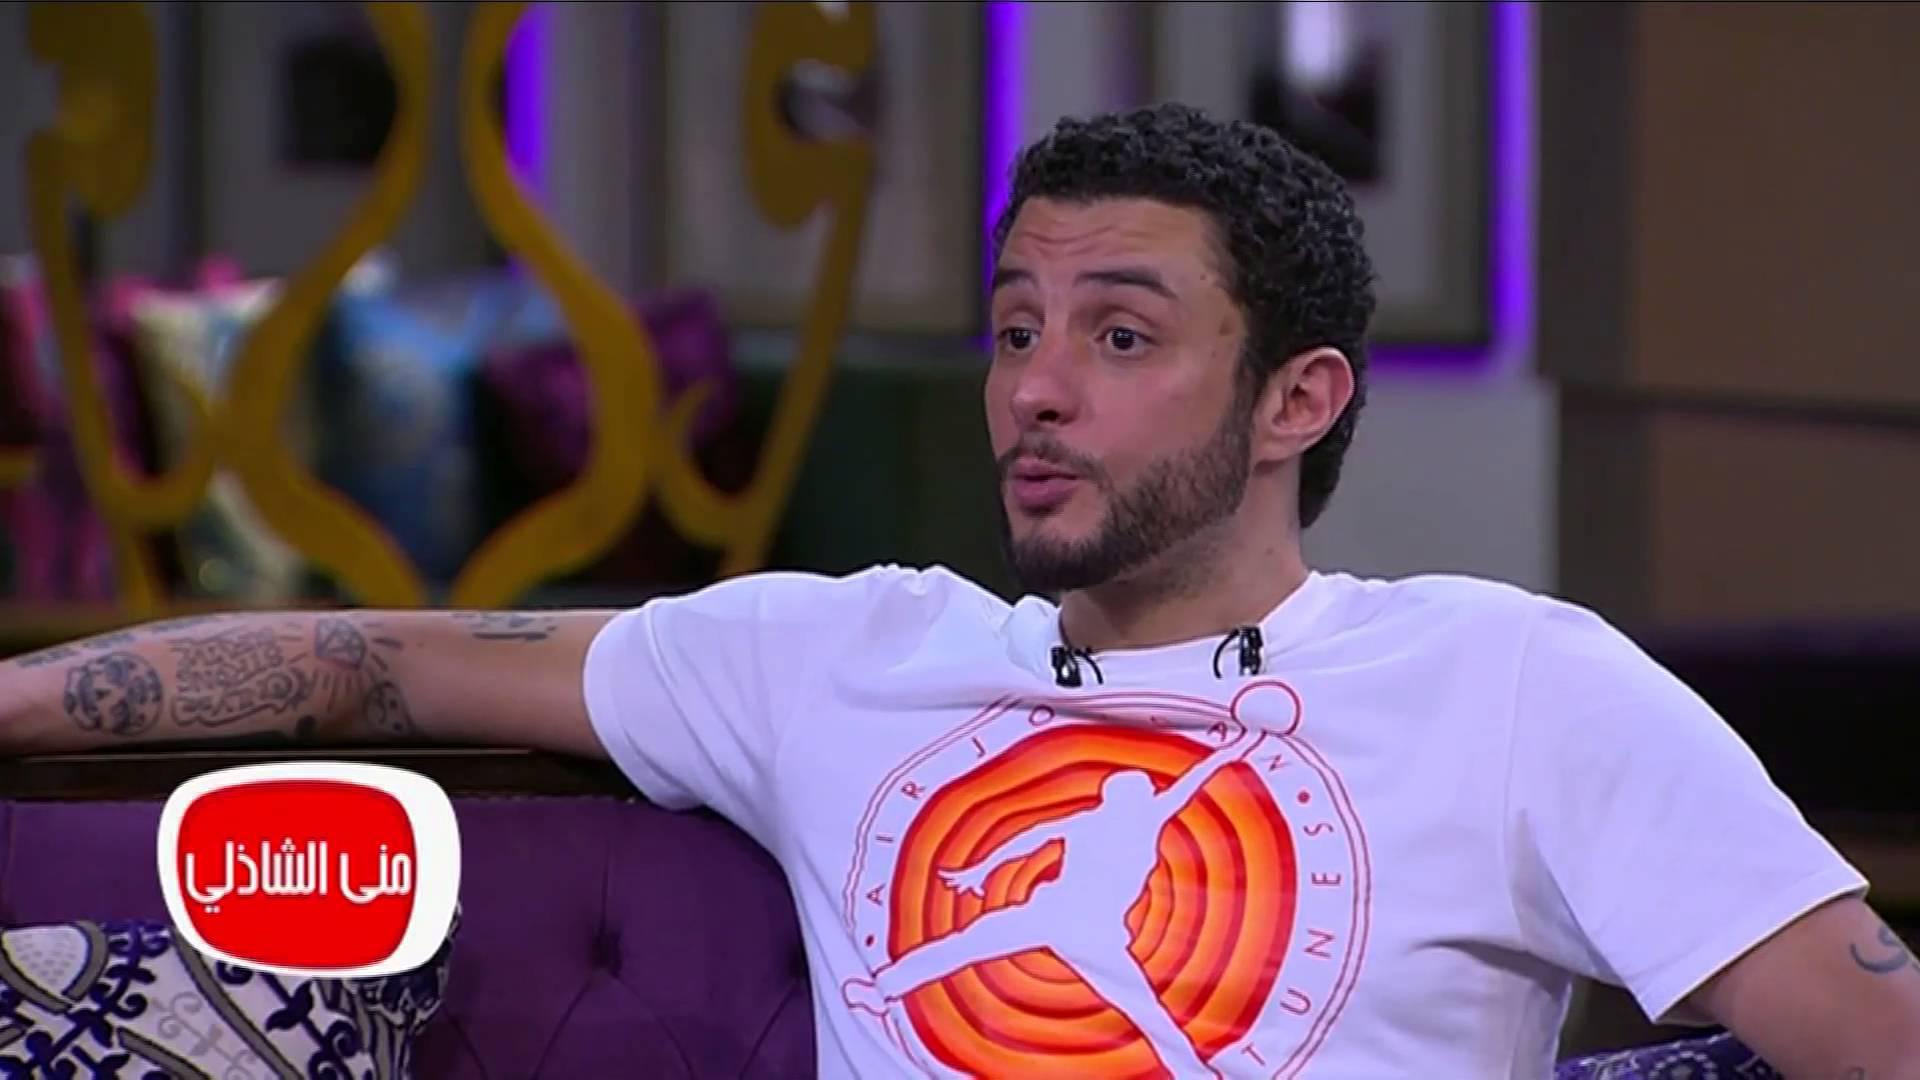 فيديو| أحمد الفيشاوي ينوي الزواج للمرة الخامسة: أنا لم أفشل بعد